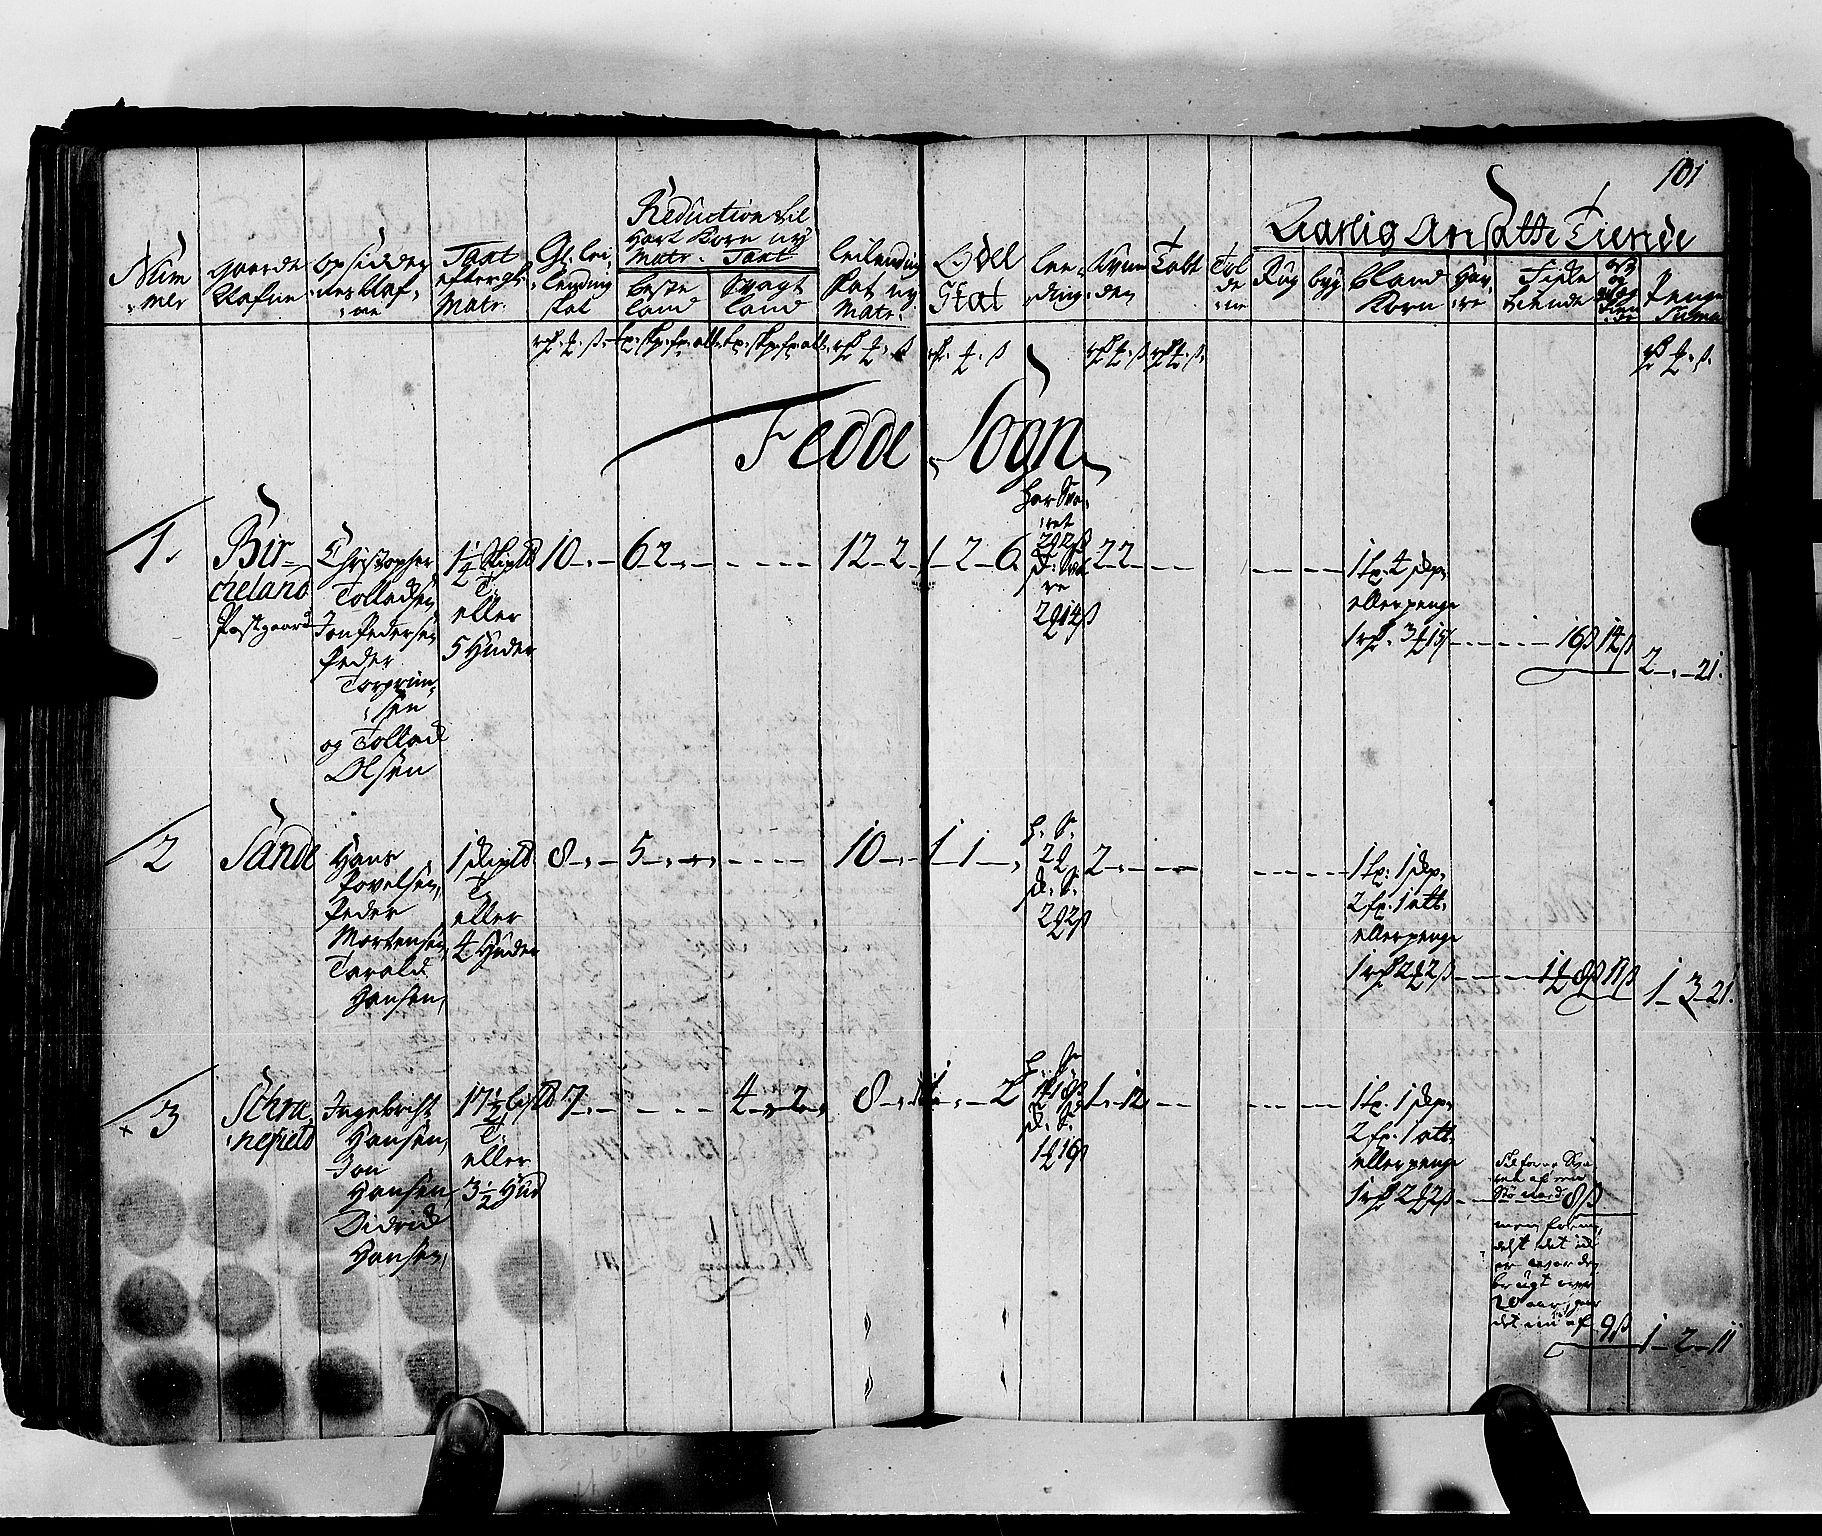 RA, Rentekammeret inntil 1814, Realistisk ordnet avdeling, N/Nb/Nbf/L0130: Lista matrikkelprotokoll, 1723, s. 100b-101a